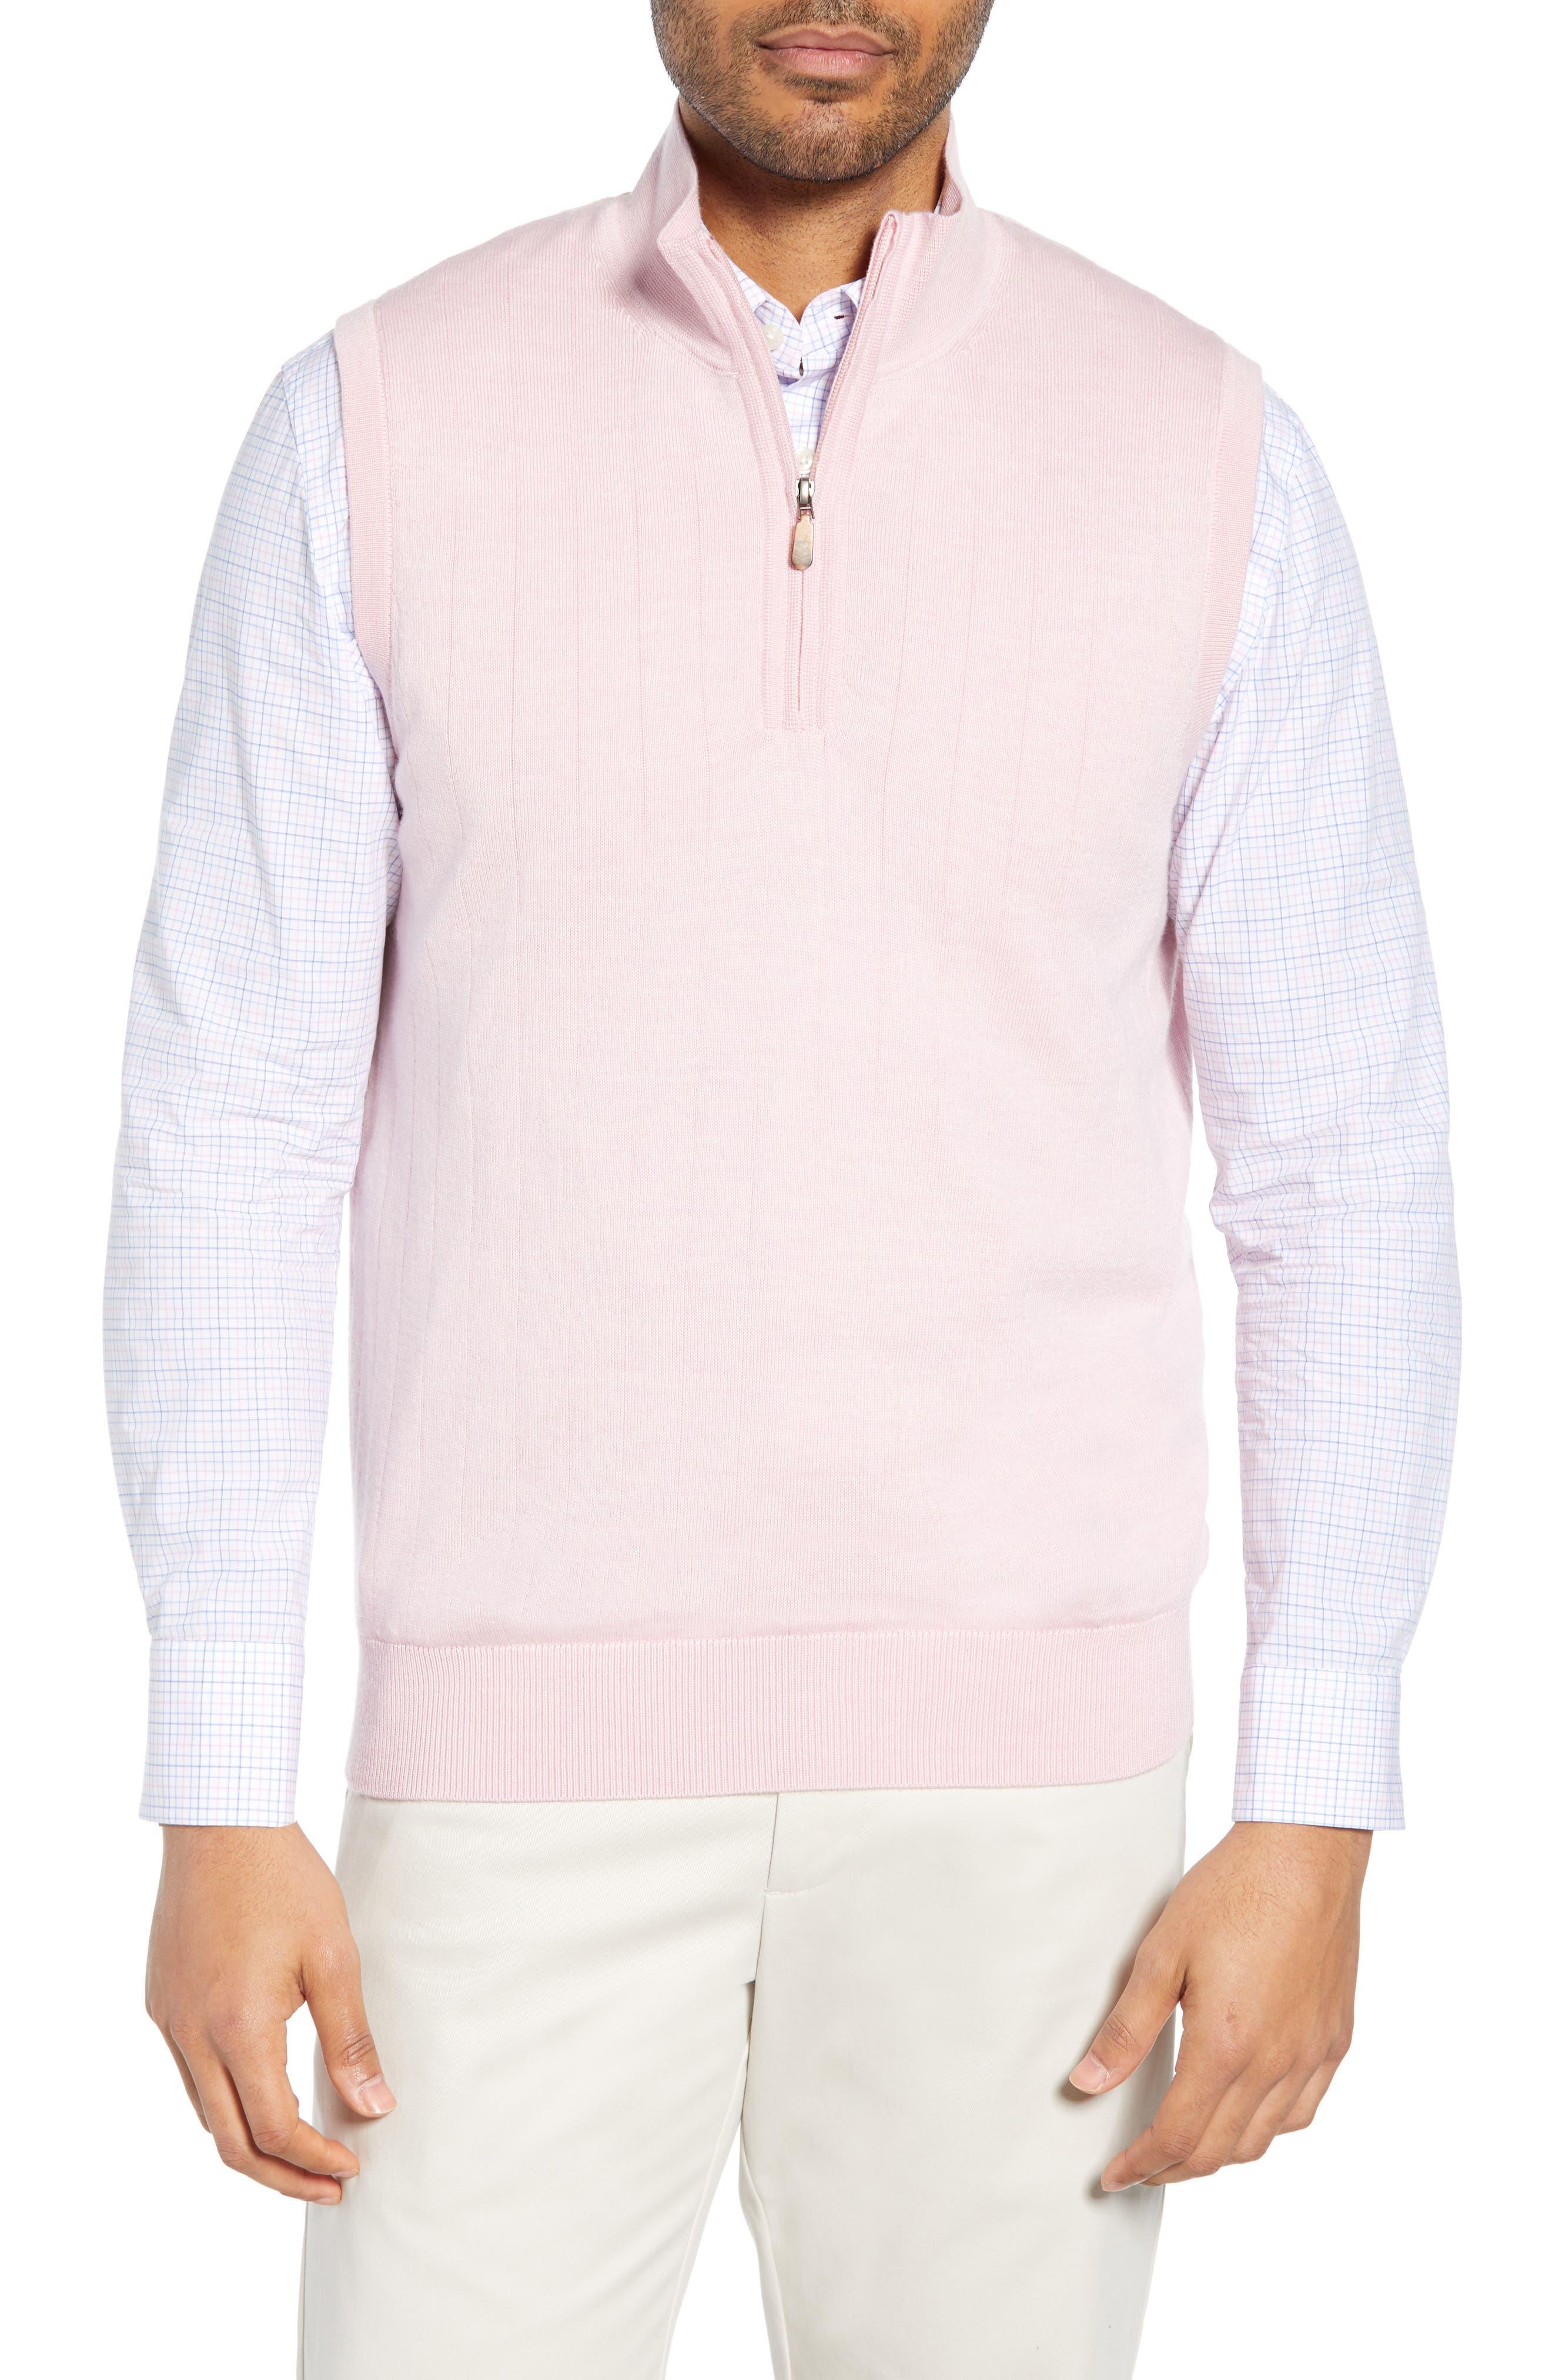 Bobby Jones Quarter Zip Wool Sweater Vest, Pink